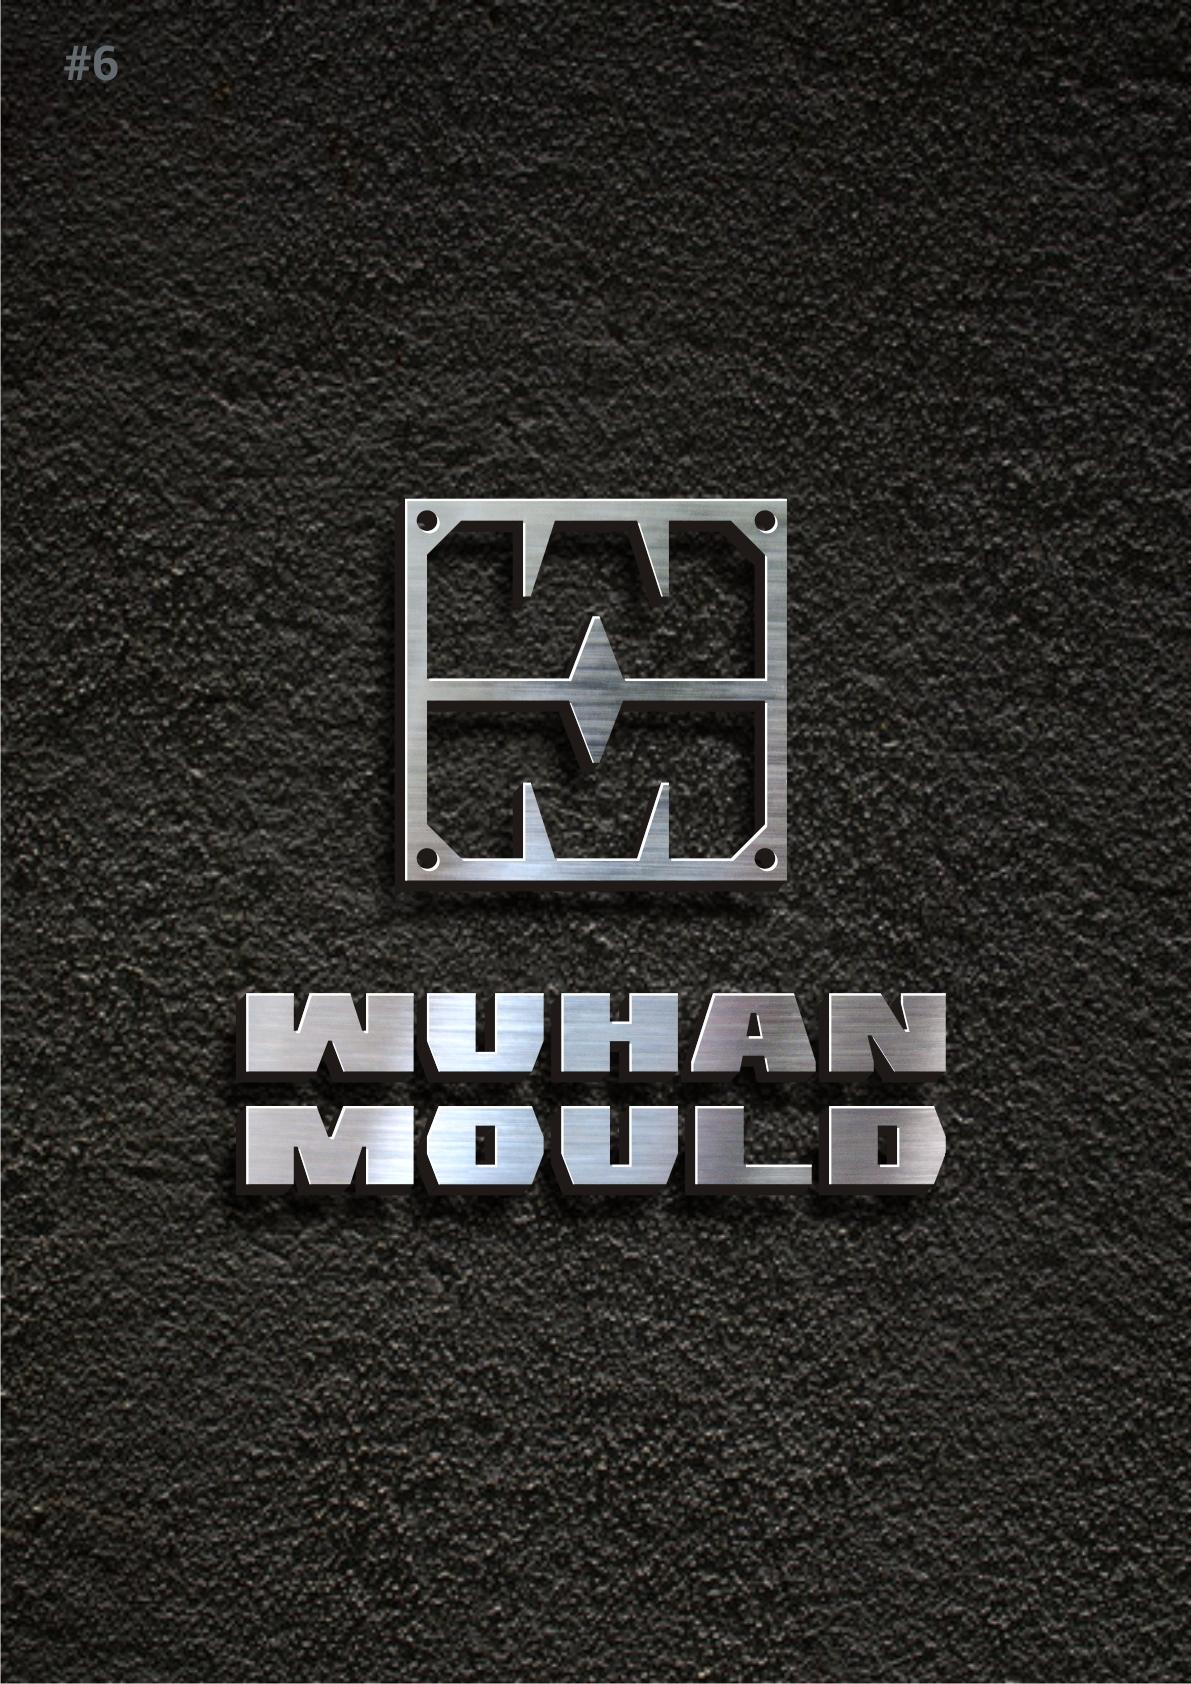 Создать логотип для фабрики пресс-форм фото f_598599a70476bf27.jpg